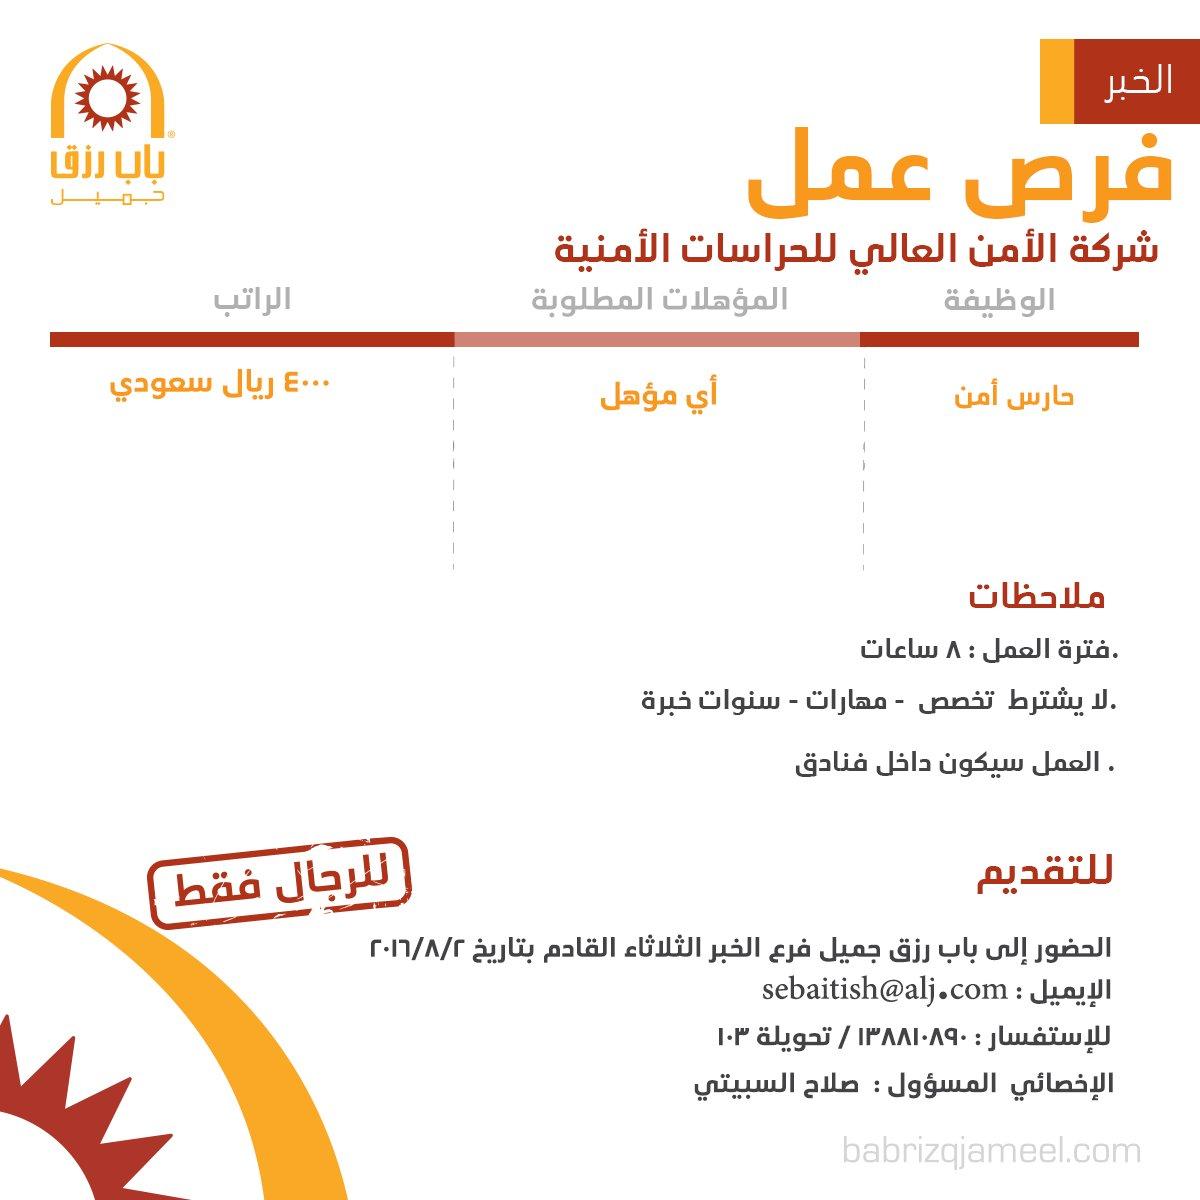 غدا الثلاثاء التقديم على وظيفة حارس أمن في شركة الأمن العالي - الخبر